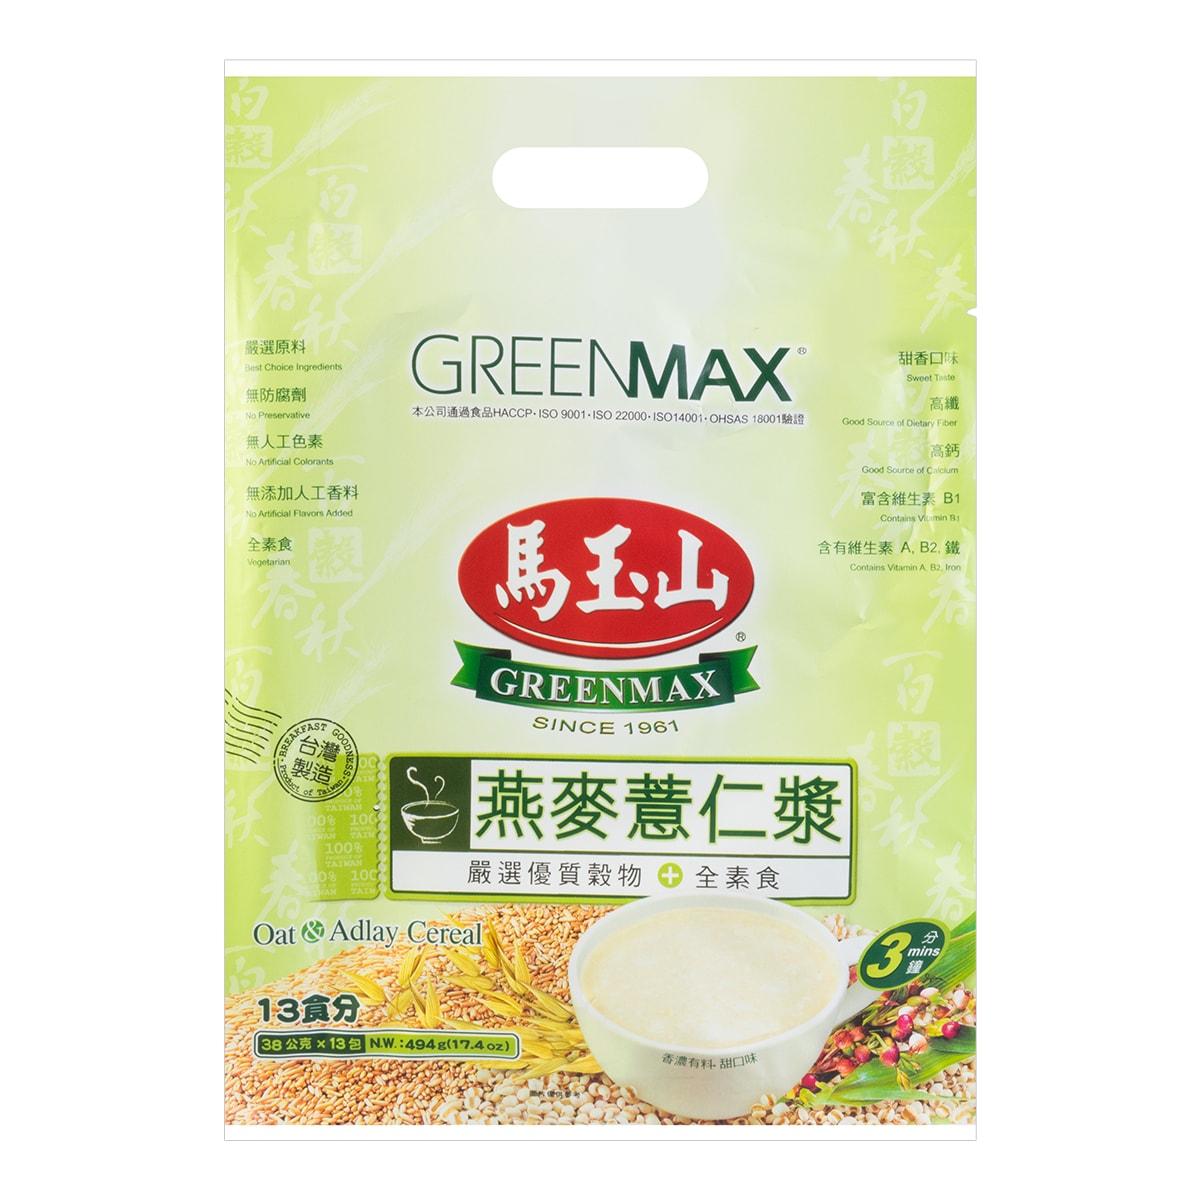 台湾马玉山 燕麦薏仁浆 13包入 494g